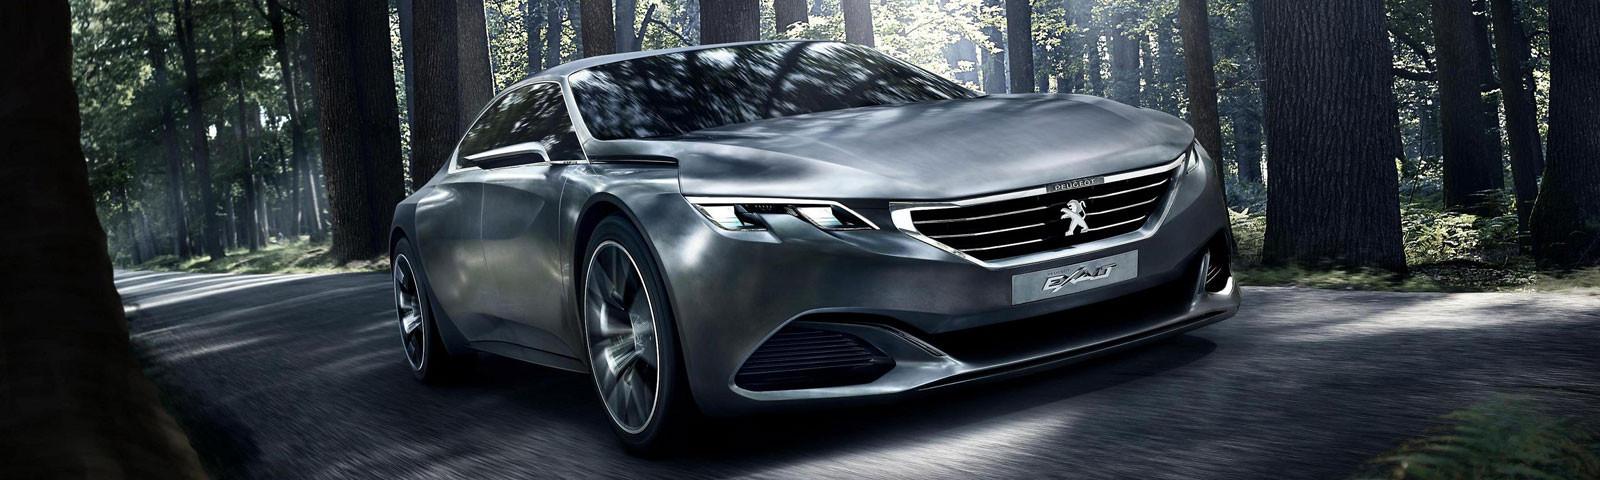 Concept-cars de Peugeot: conectividad, electrificación y conducción autónoma